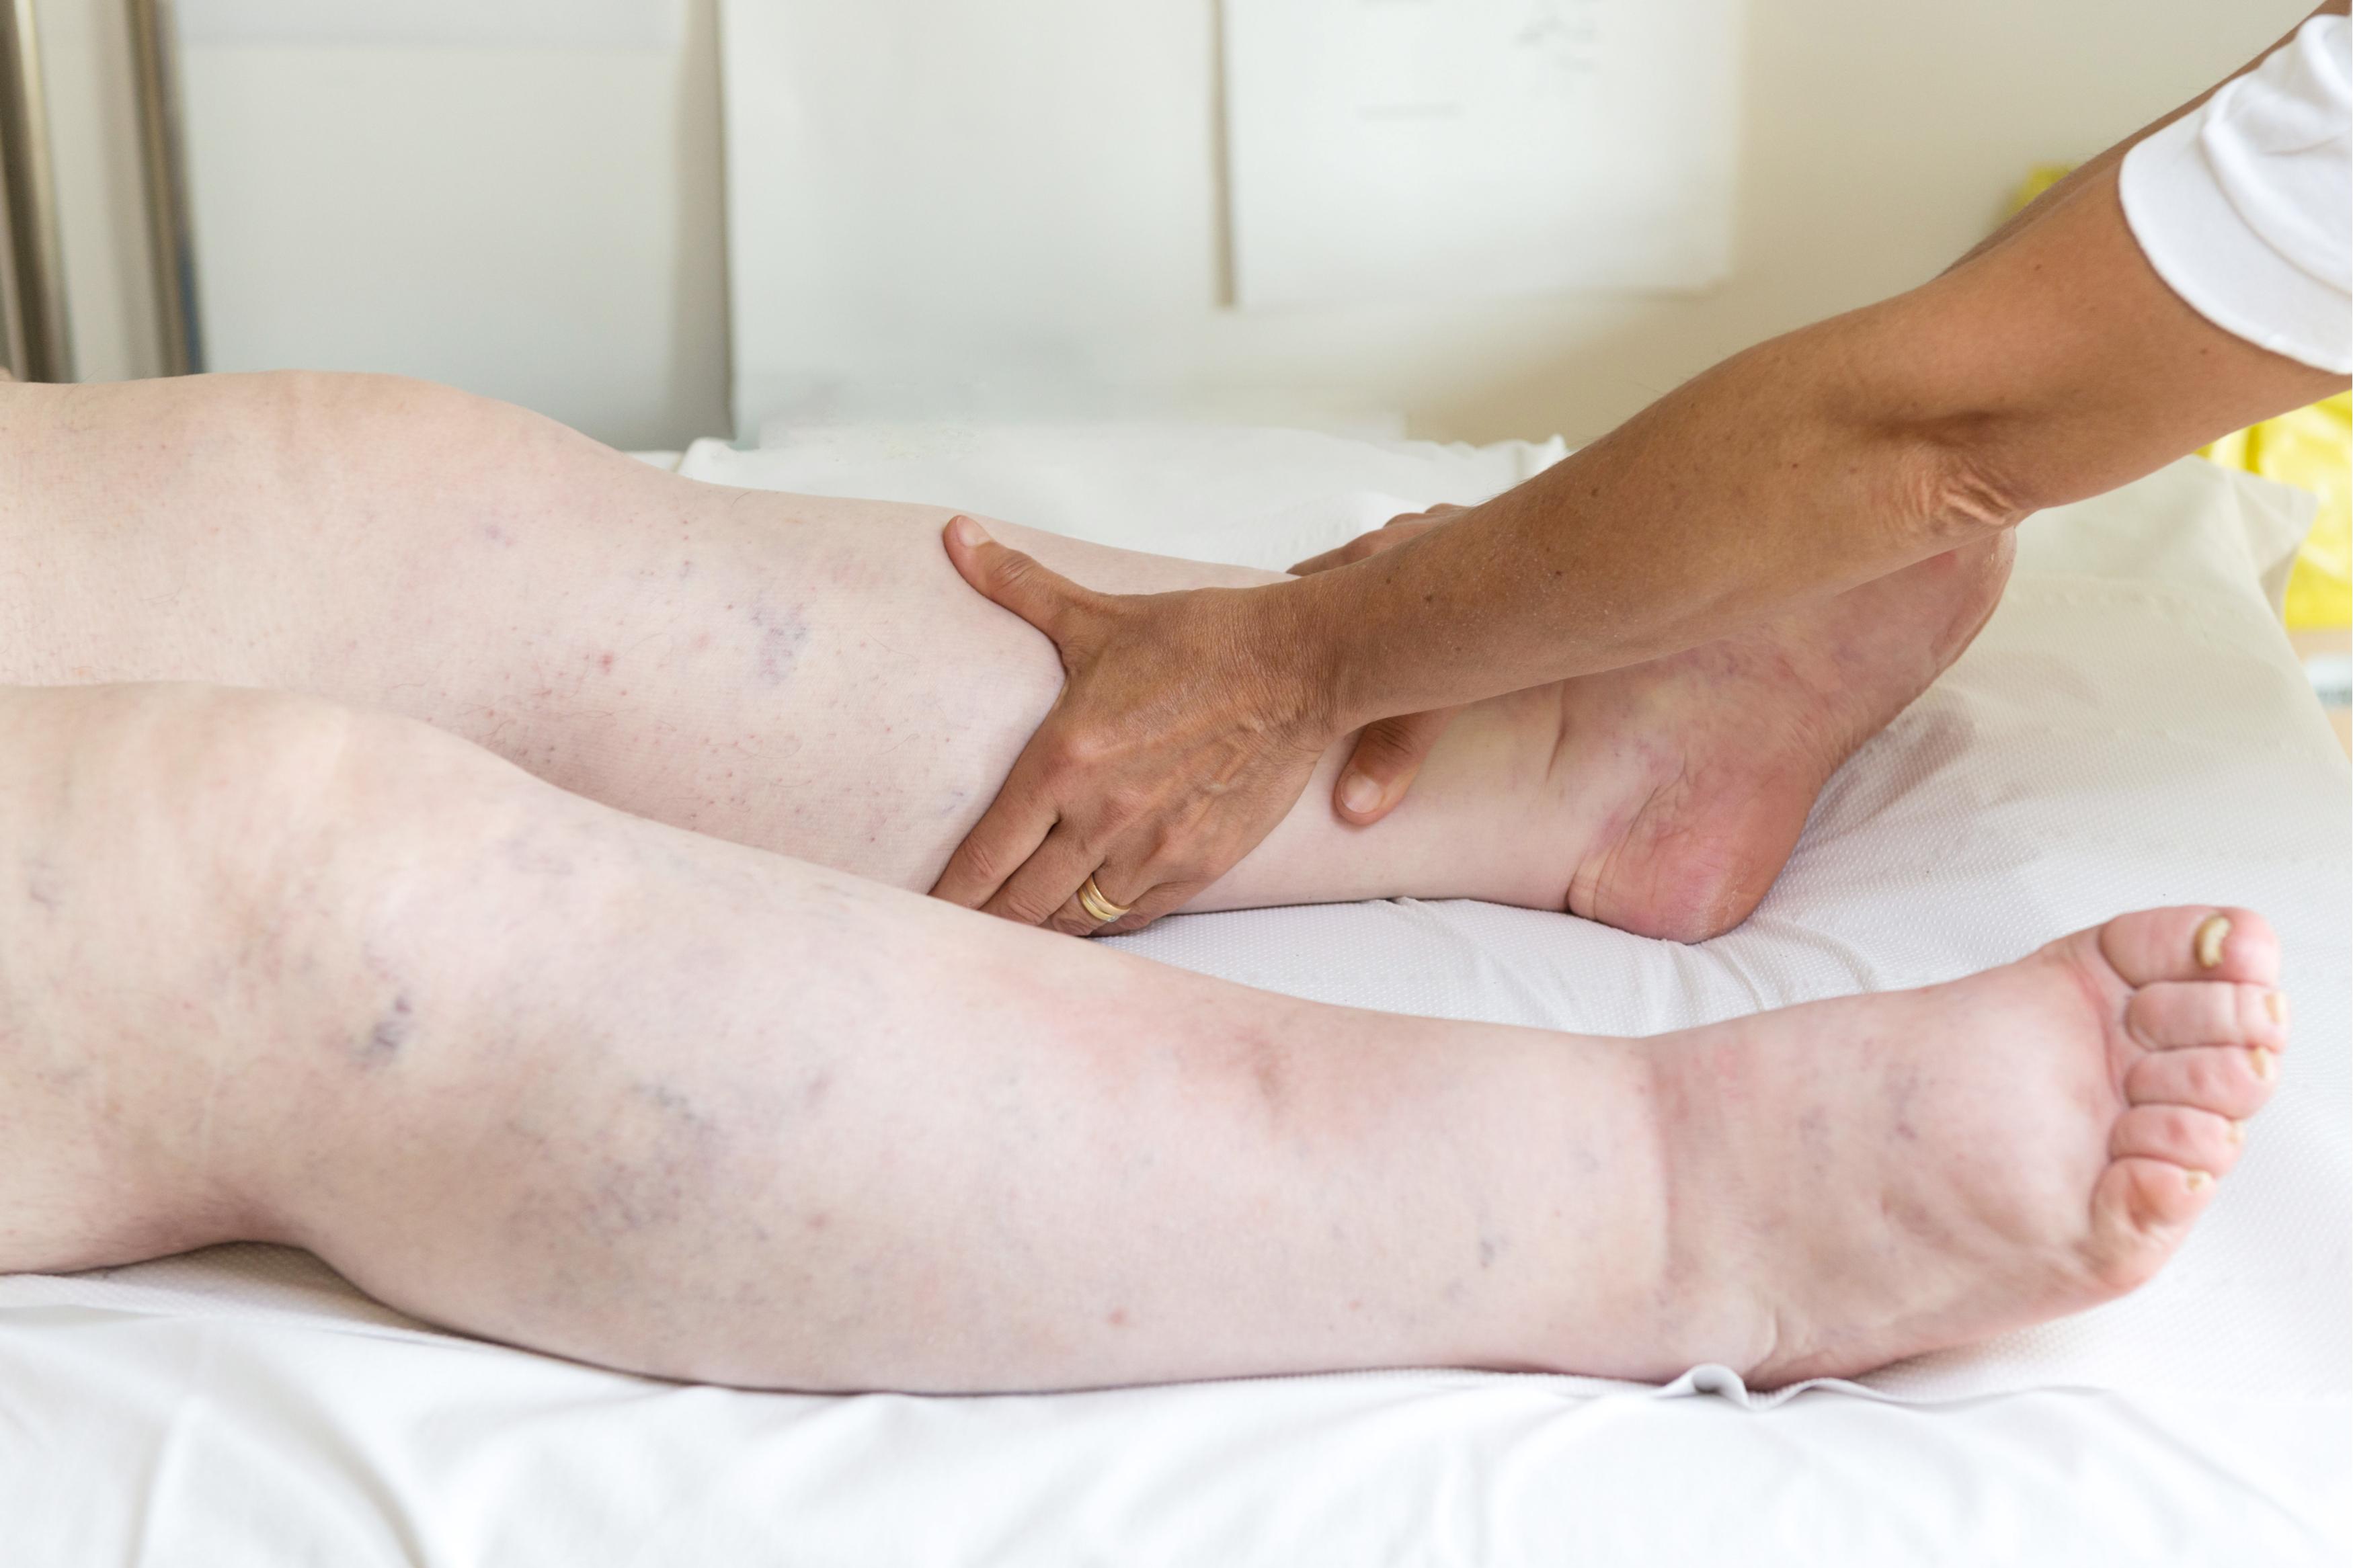 medicamente pentru glezne și picioare umflate